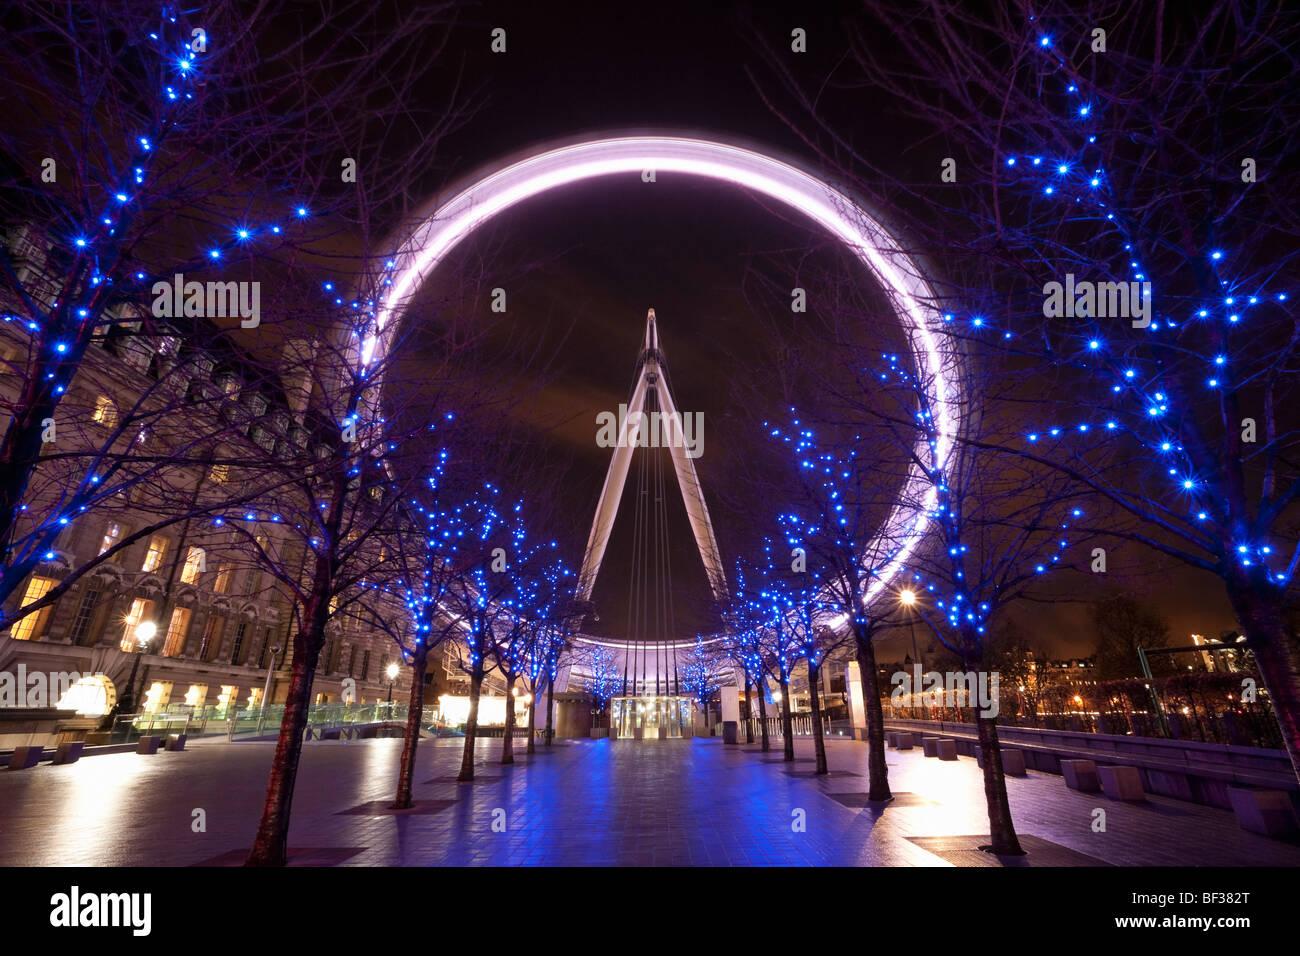 London Eye at night - Stock Image